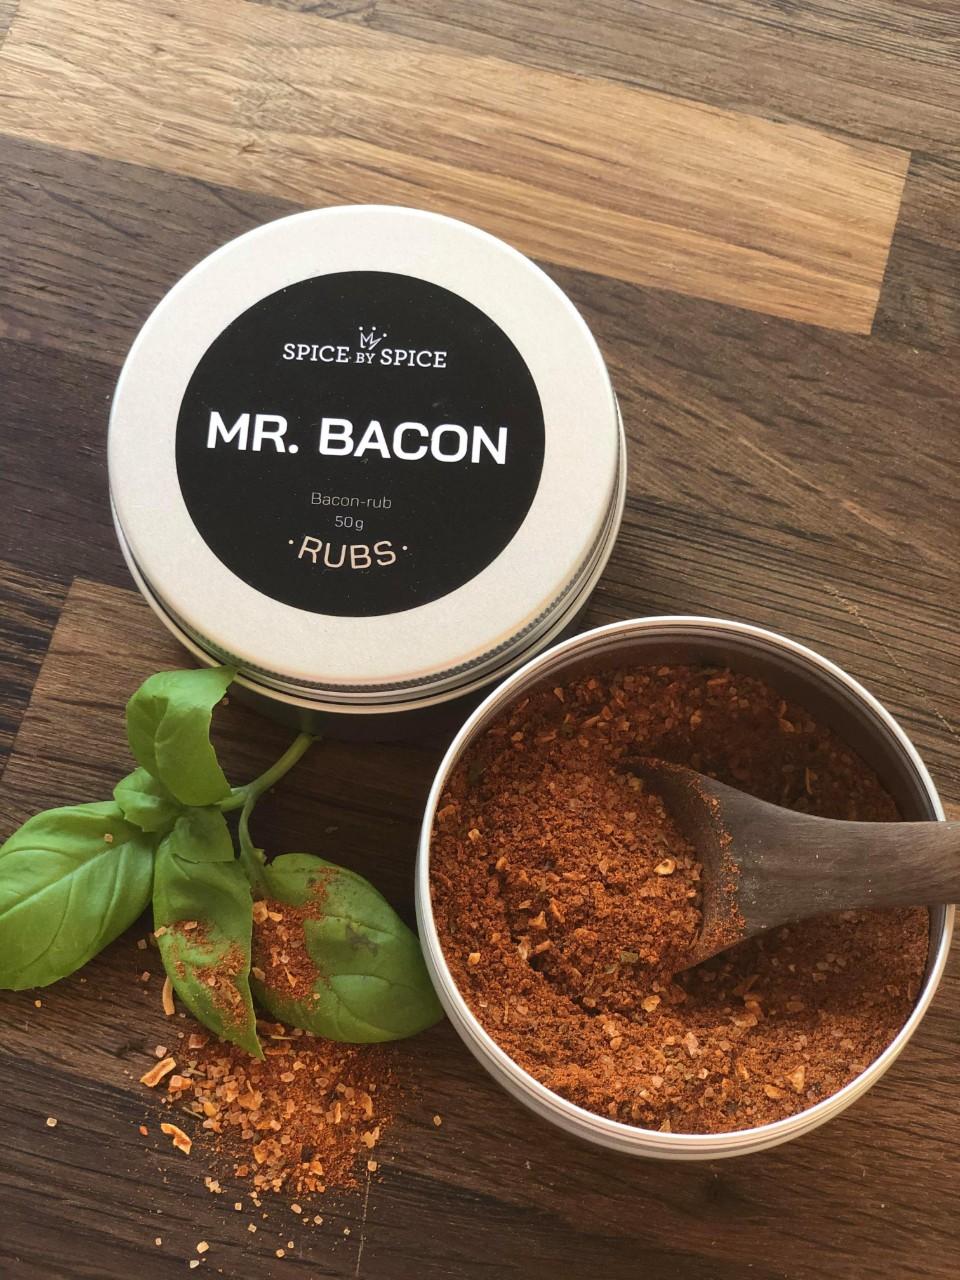 baconkrydderi i aludåse. Mr. Bacon er en rub, men den er meget alsidig, og der er nærmest ingen grænser for, hvad den kan bruges til i dit køkken. Den kan bruges som en rub, du kan svitse i det, du kan røre det i mayonaise, for at opnå den vildeste baconmayo til de stegte kartofler. Ud over dette kan den røres i cremefraiche, smør, flødeost, olie. Skal du spare lidt på fedtet kan det drysses over dine æg.